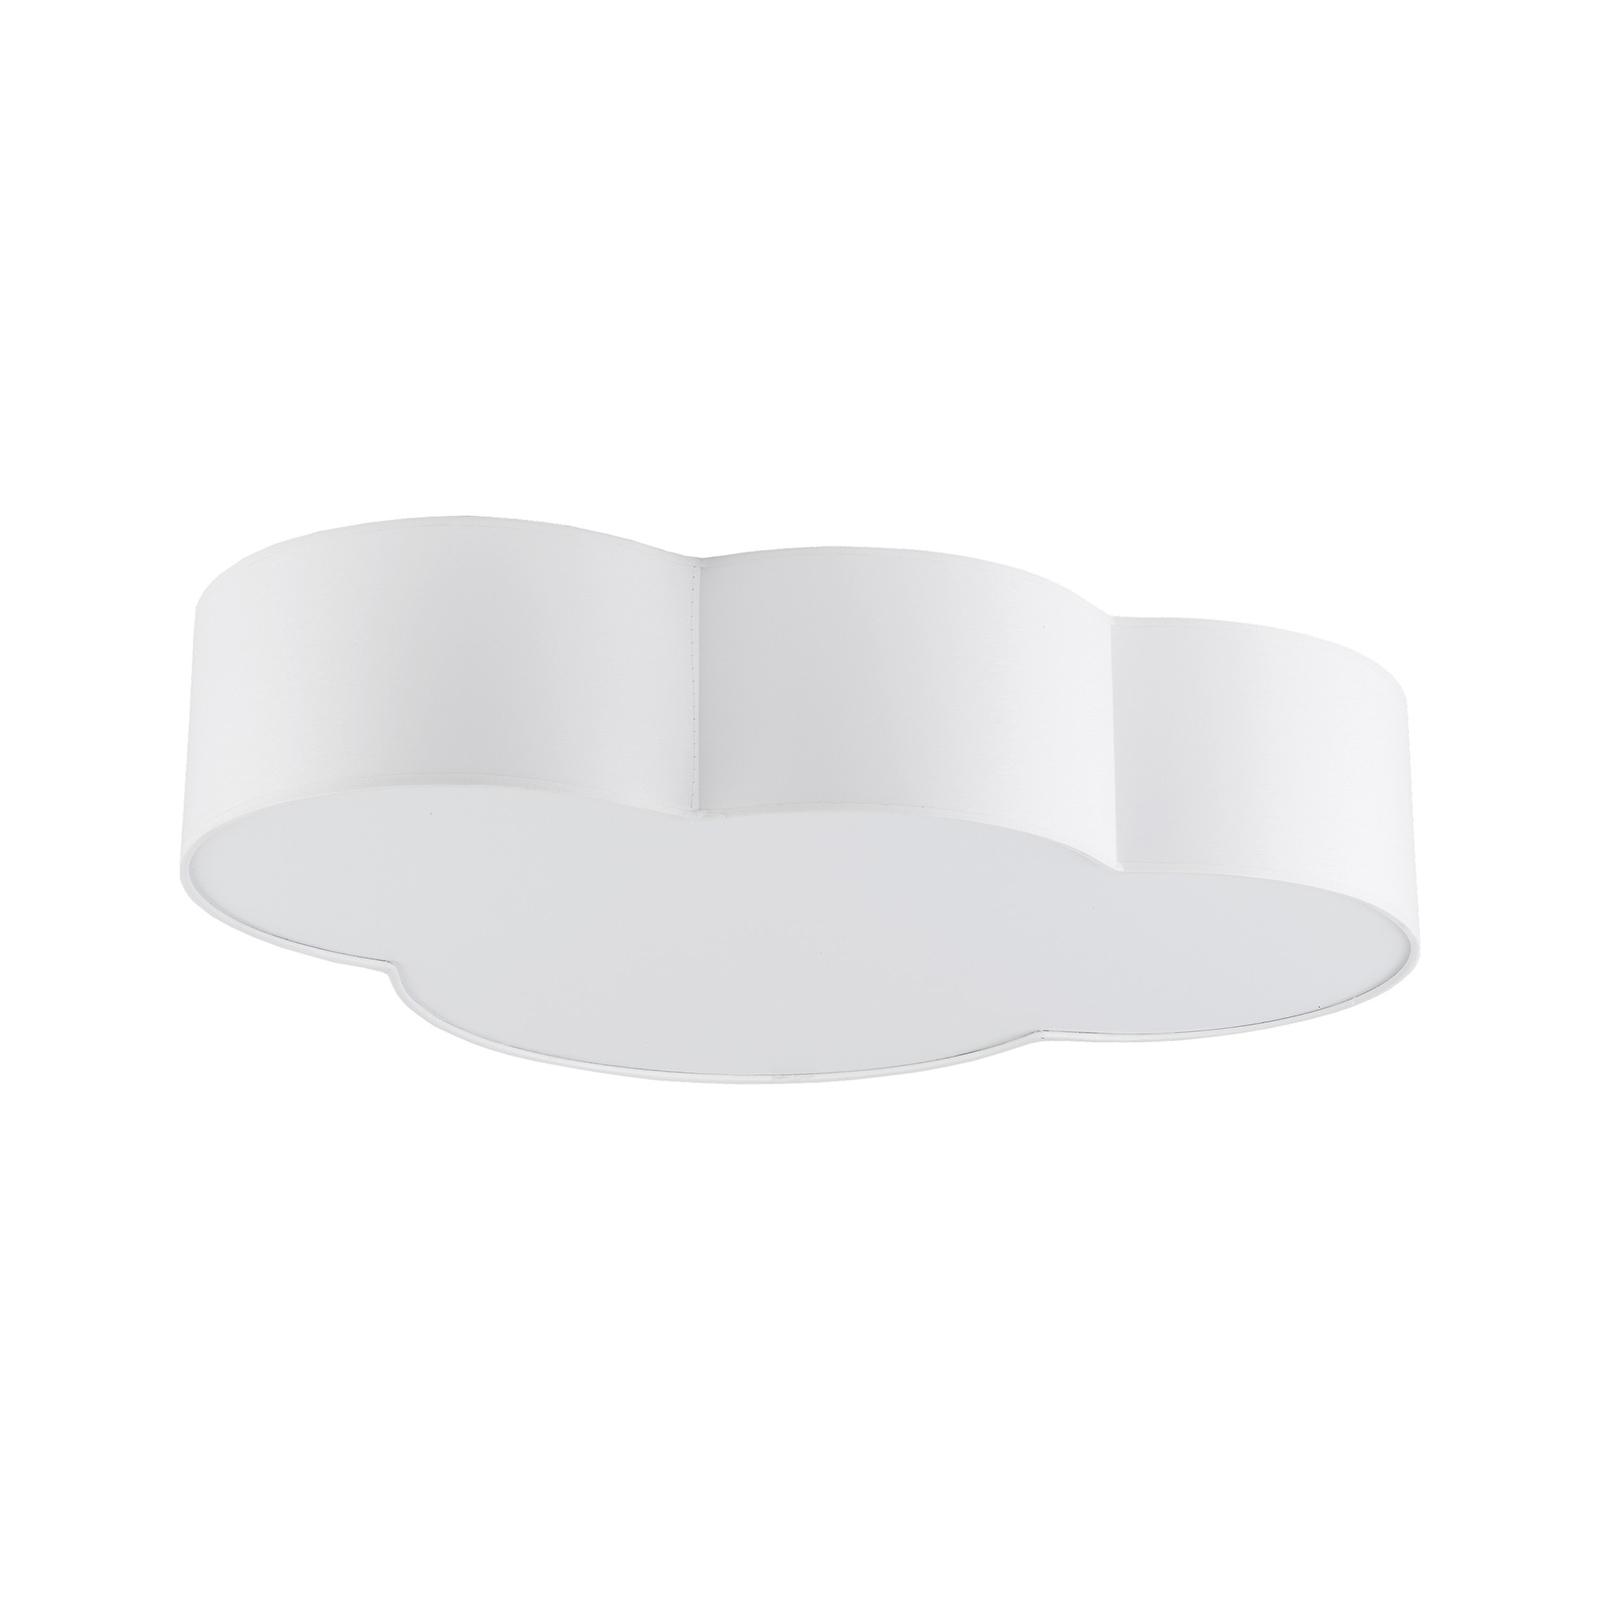 Taklampe Cloud av tekstil, lengde 62 cm, hvit